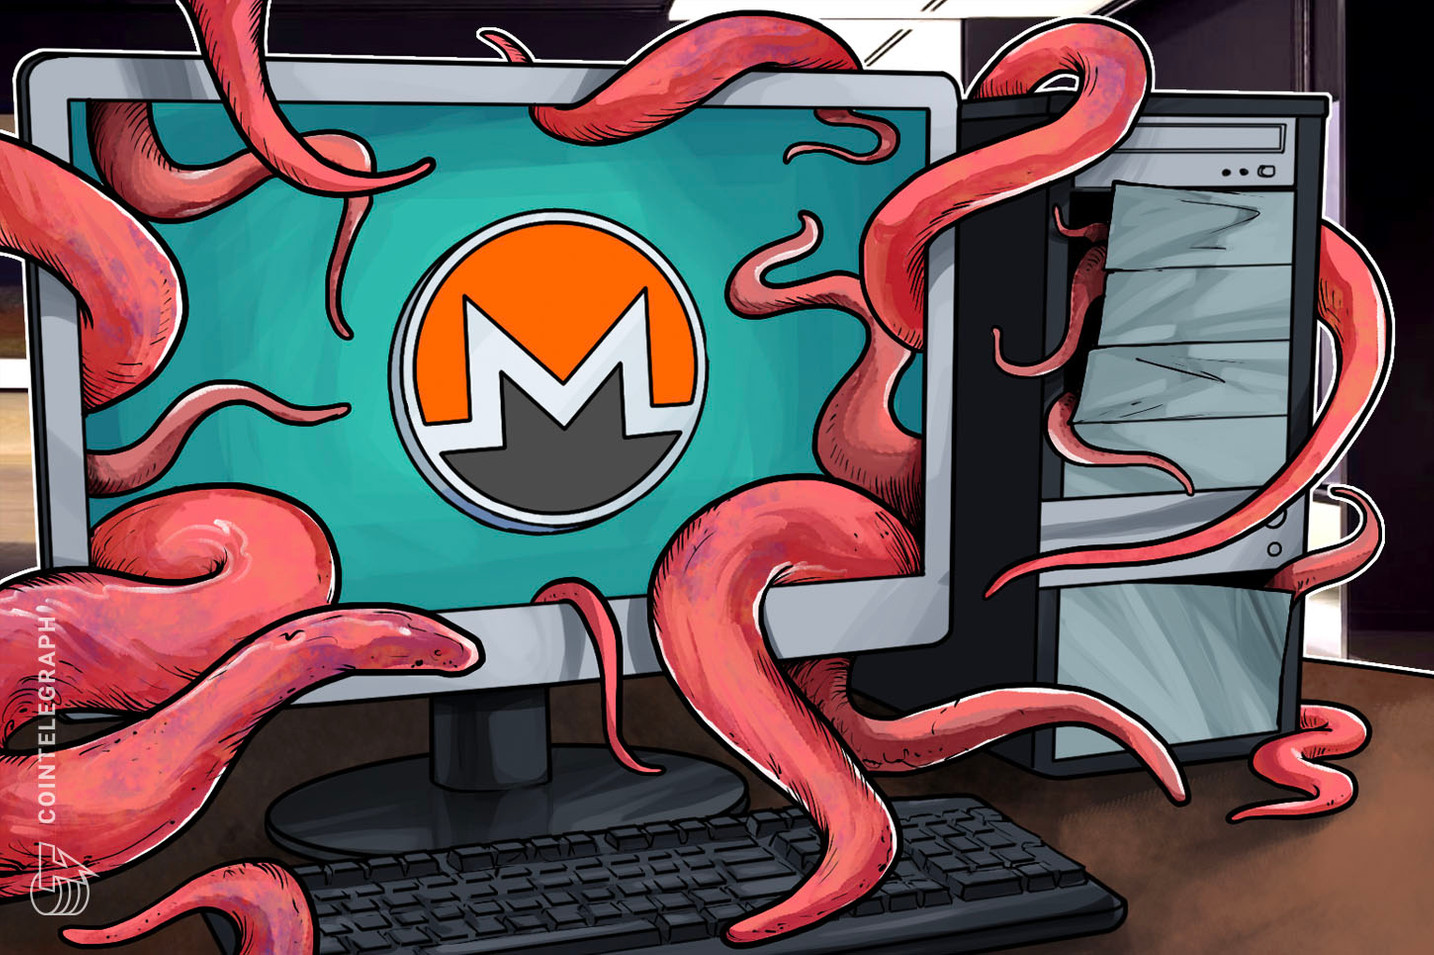 Los clústeres de aprendizaje automático de Microsoft Azure fueron atacados con criptojacking para extraer Monero